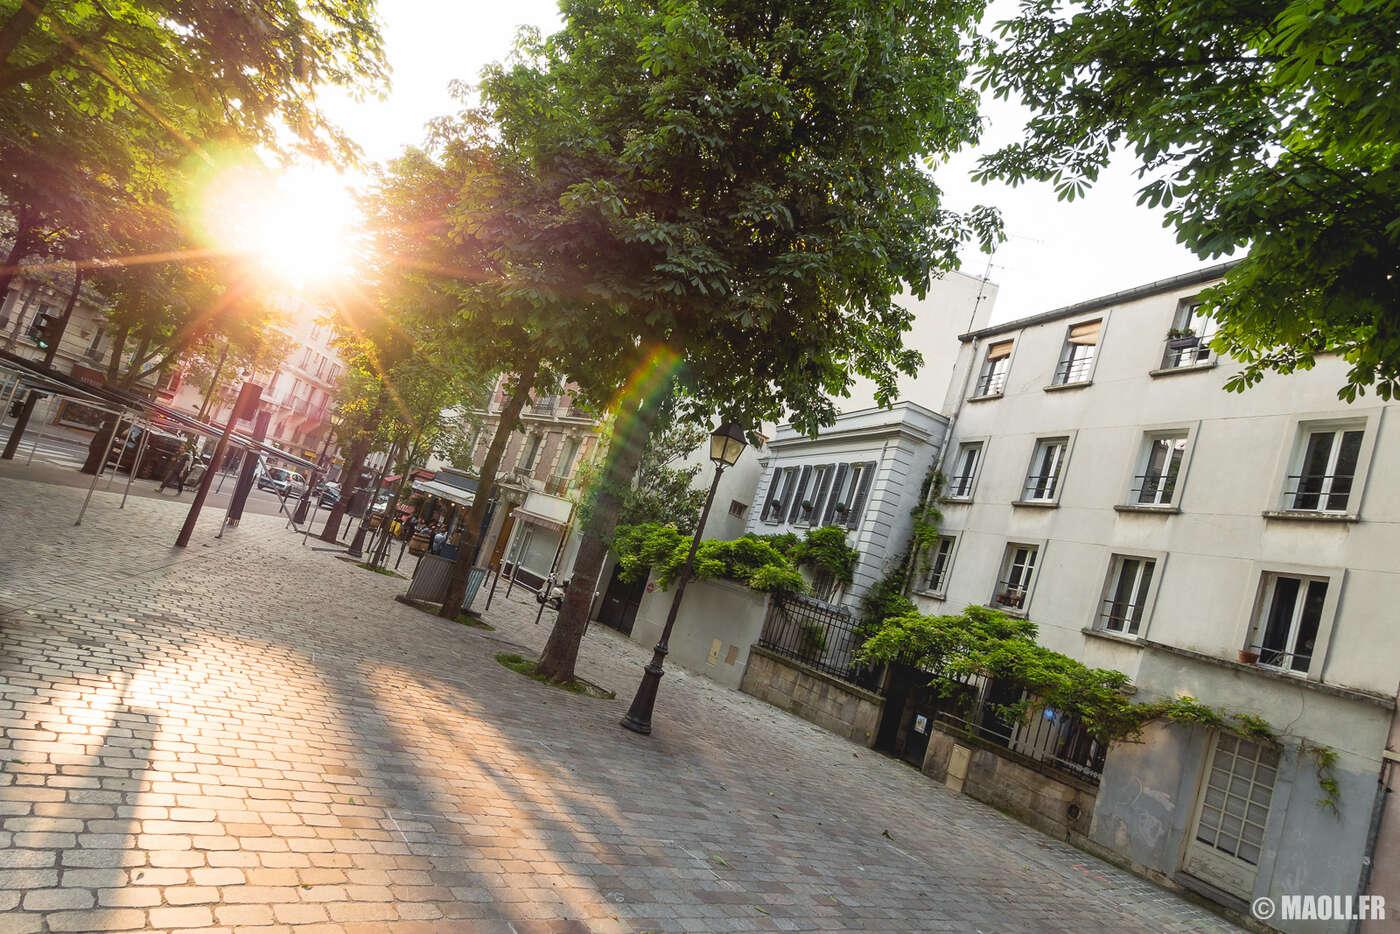 Place du Guignier